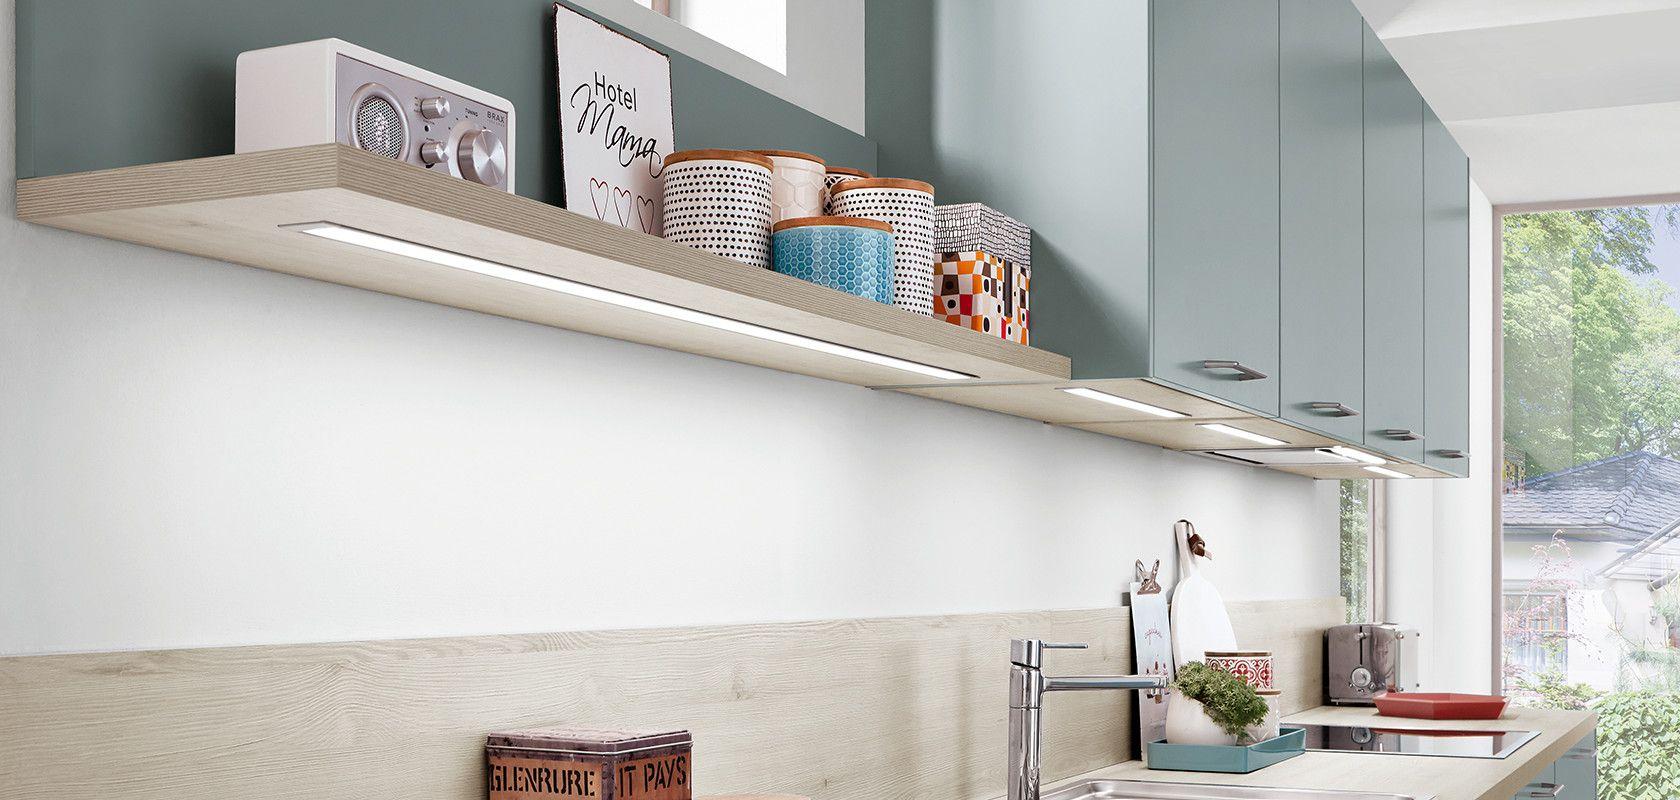 Bildergebnis für beleuchtung für küchenoberschränke | küche ...